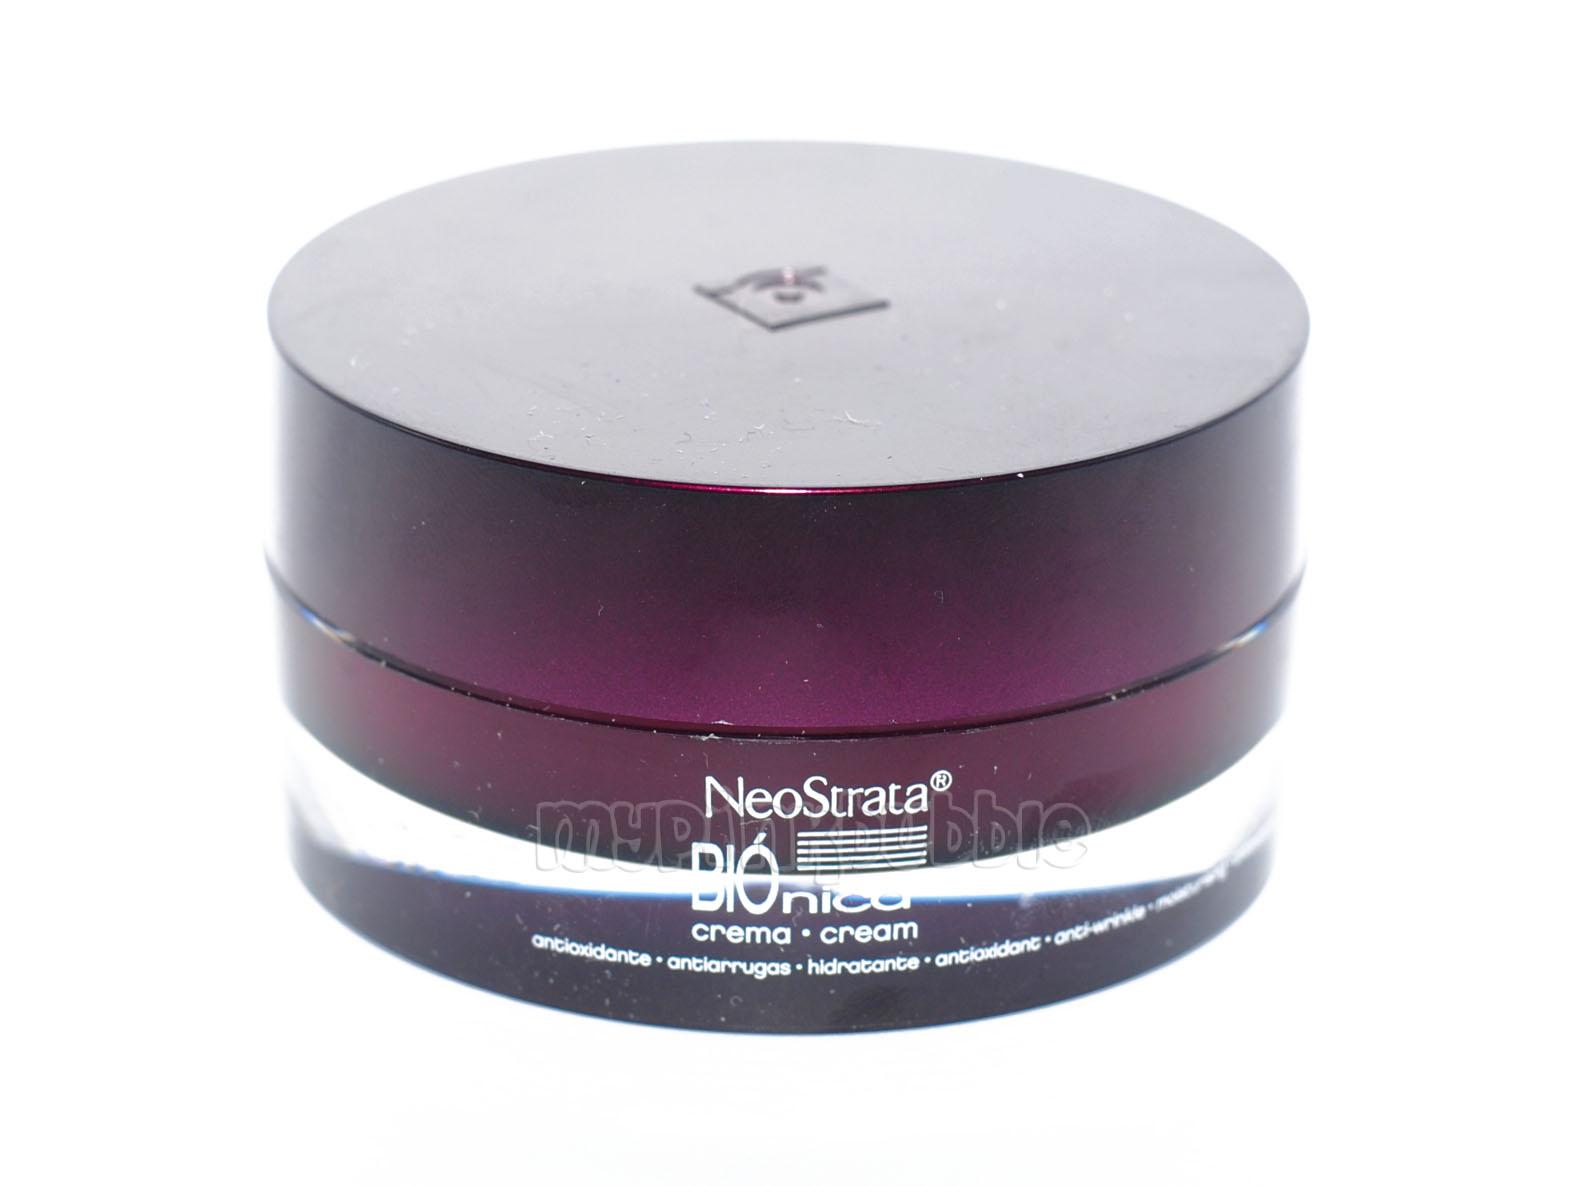 crema Neostrata Biónica